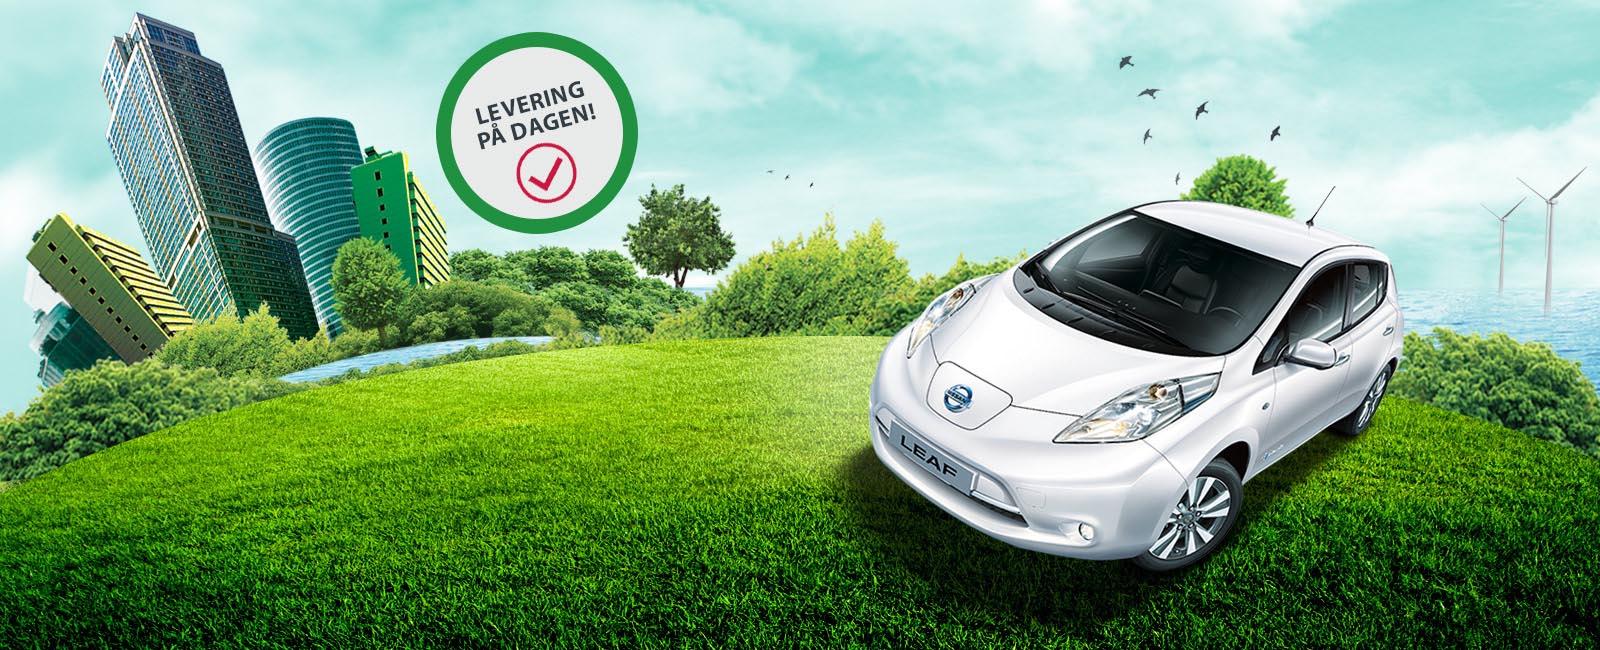 Brukt Nissan Leaf Levert på dagen